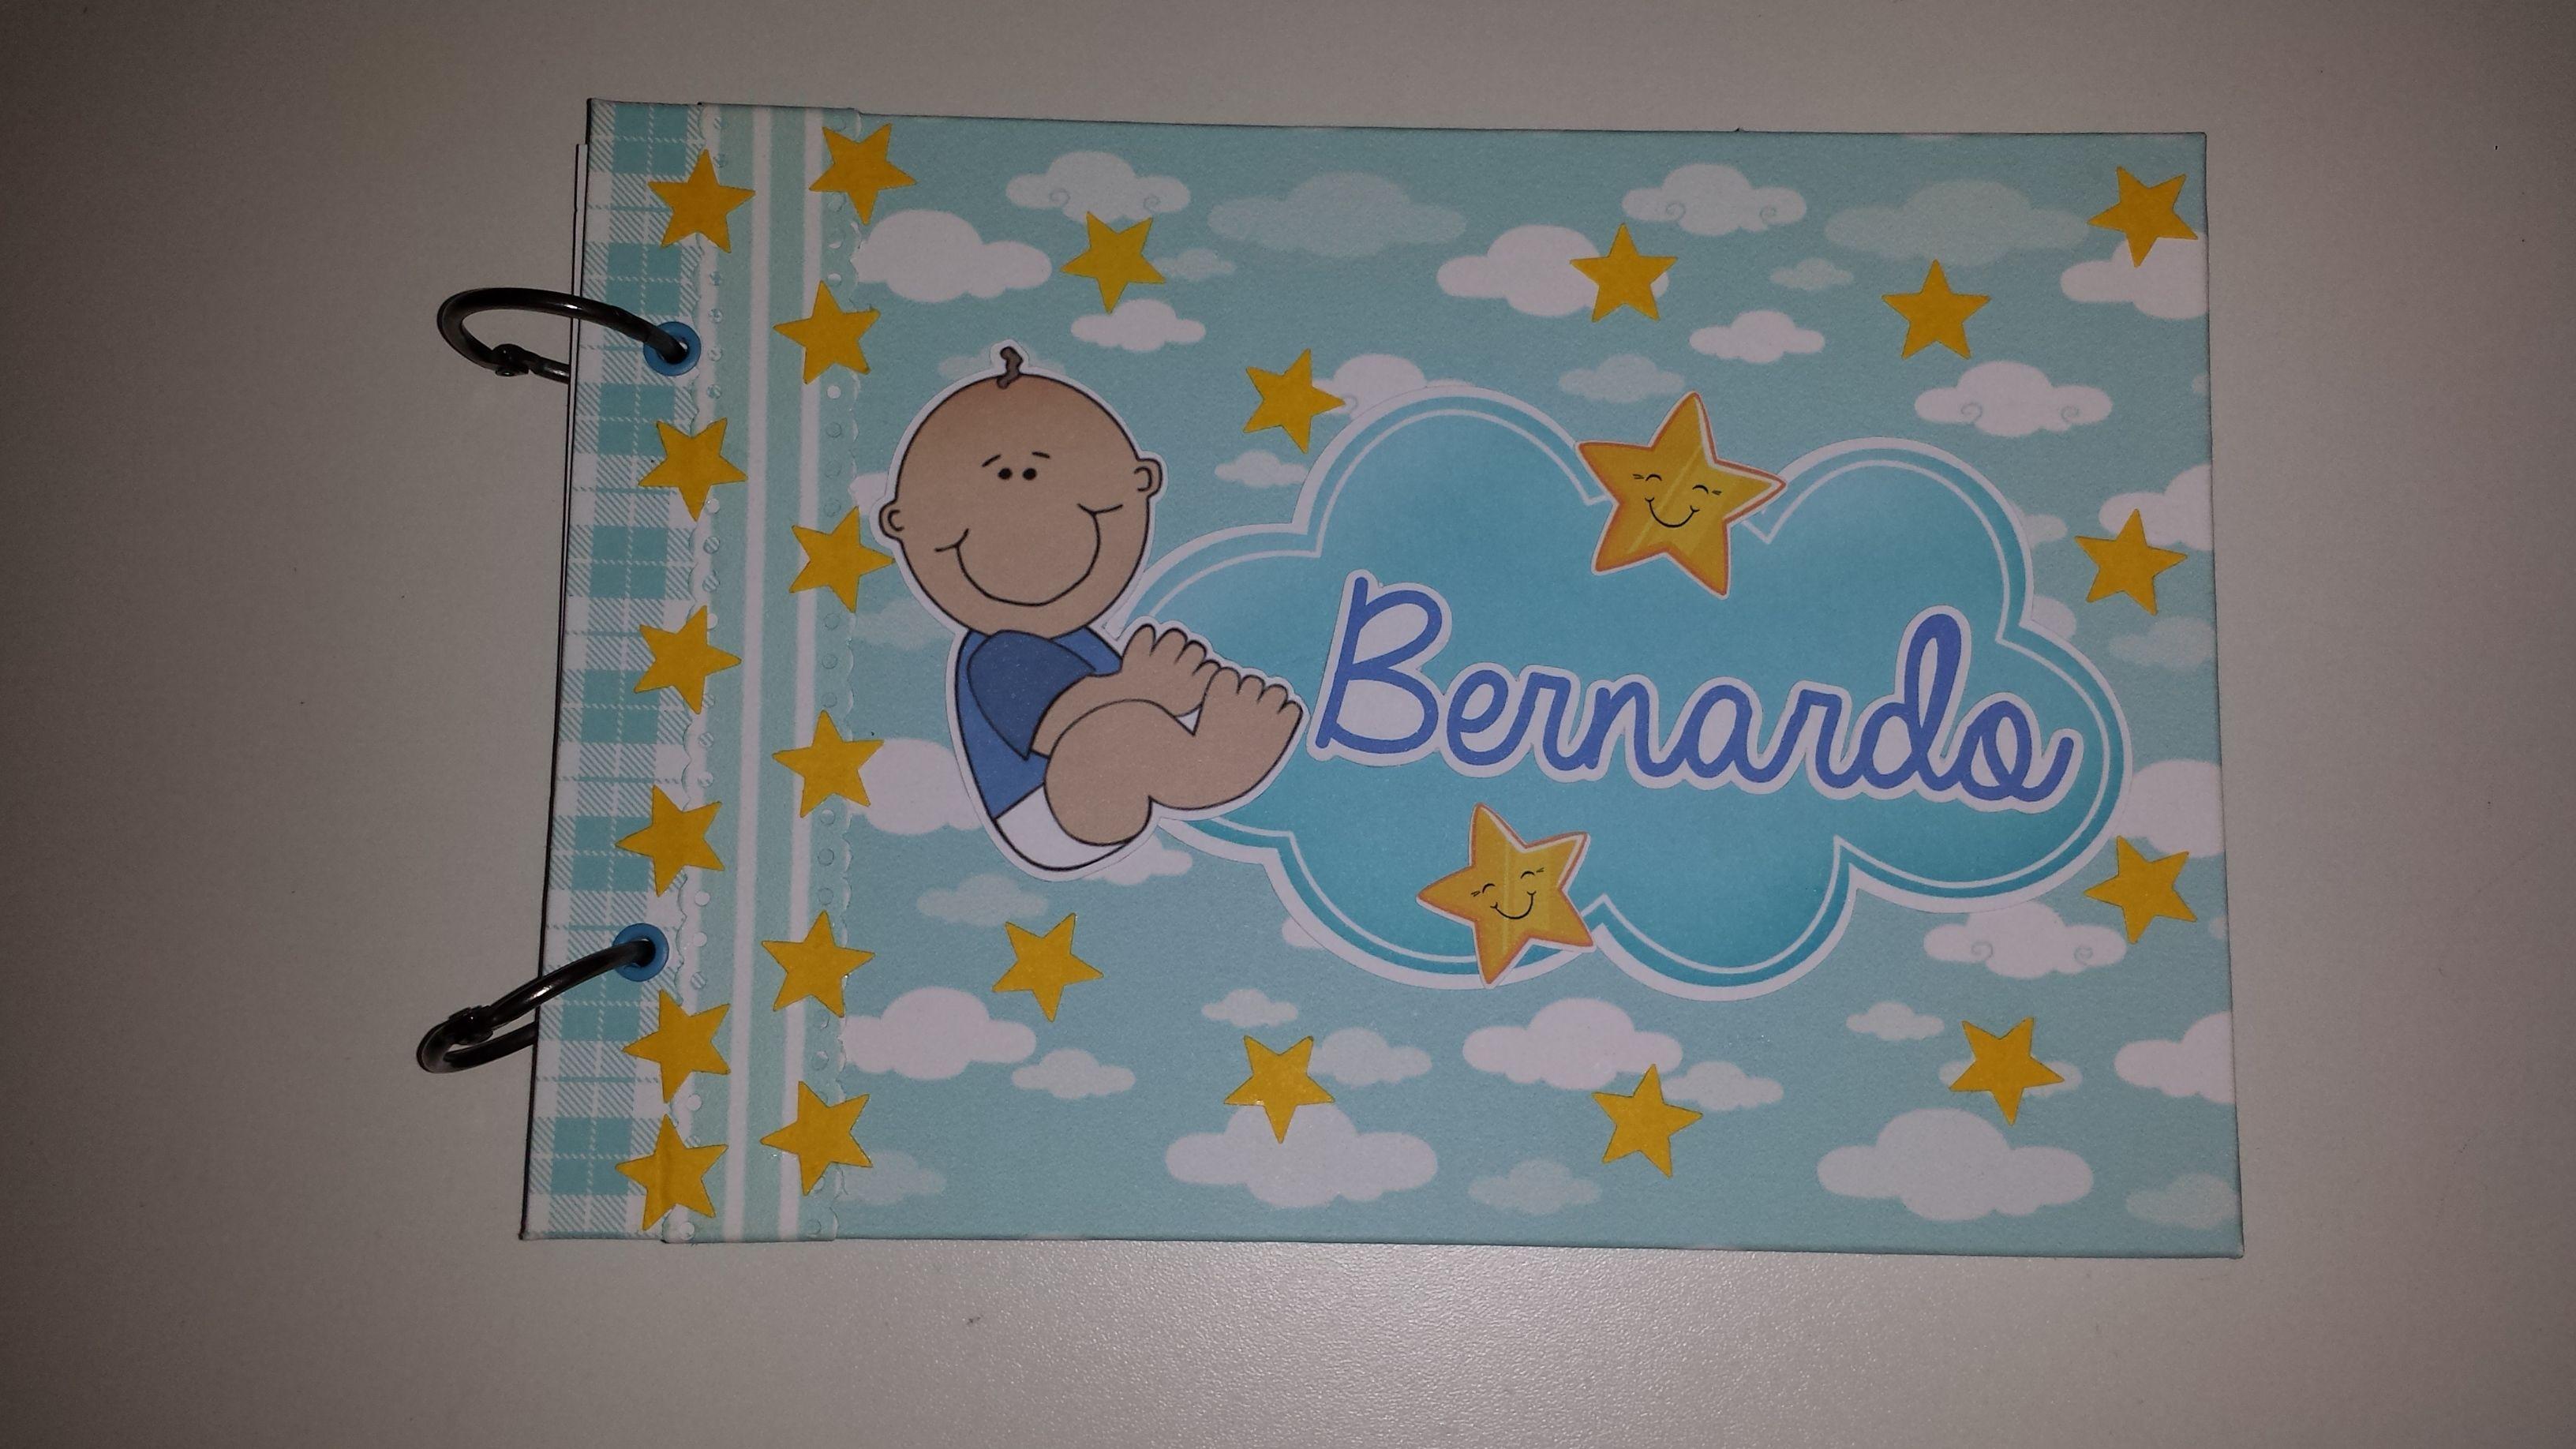 Álbum do Bernardo! Tamanho A5 Contém 12 folhas coloridas (1 para cada mês do 1º aninho de vida) e várias Tag's para a mamãe colar de acordo com as fotos.